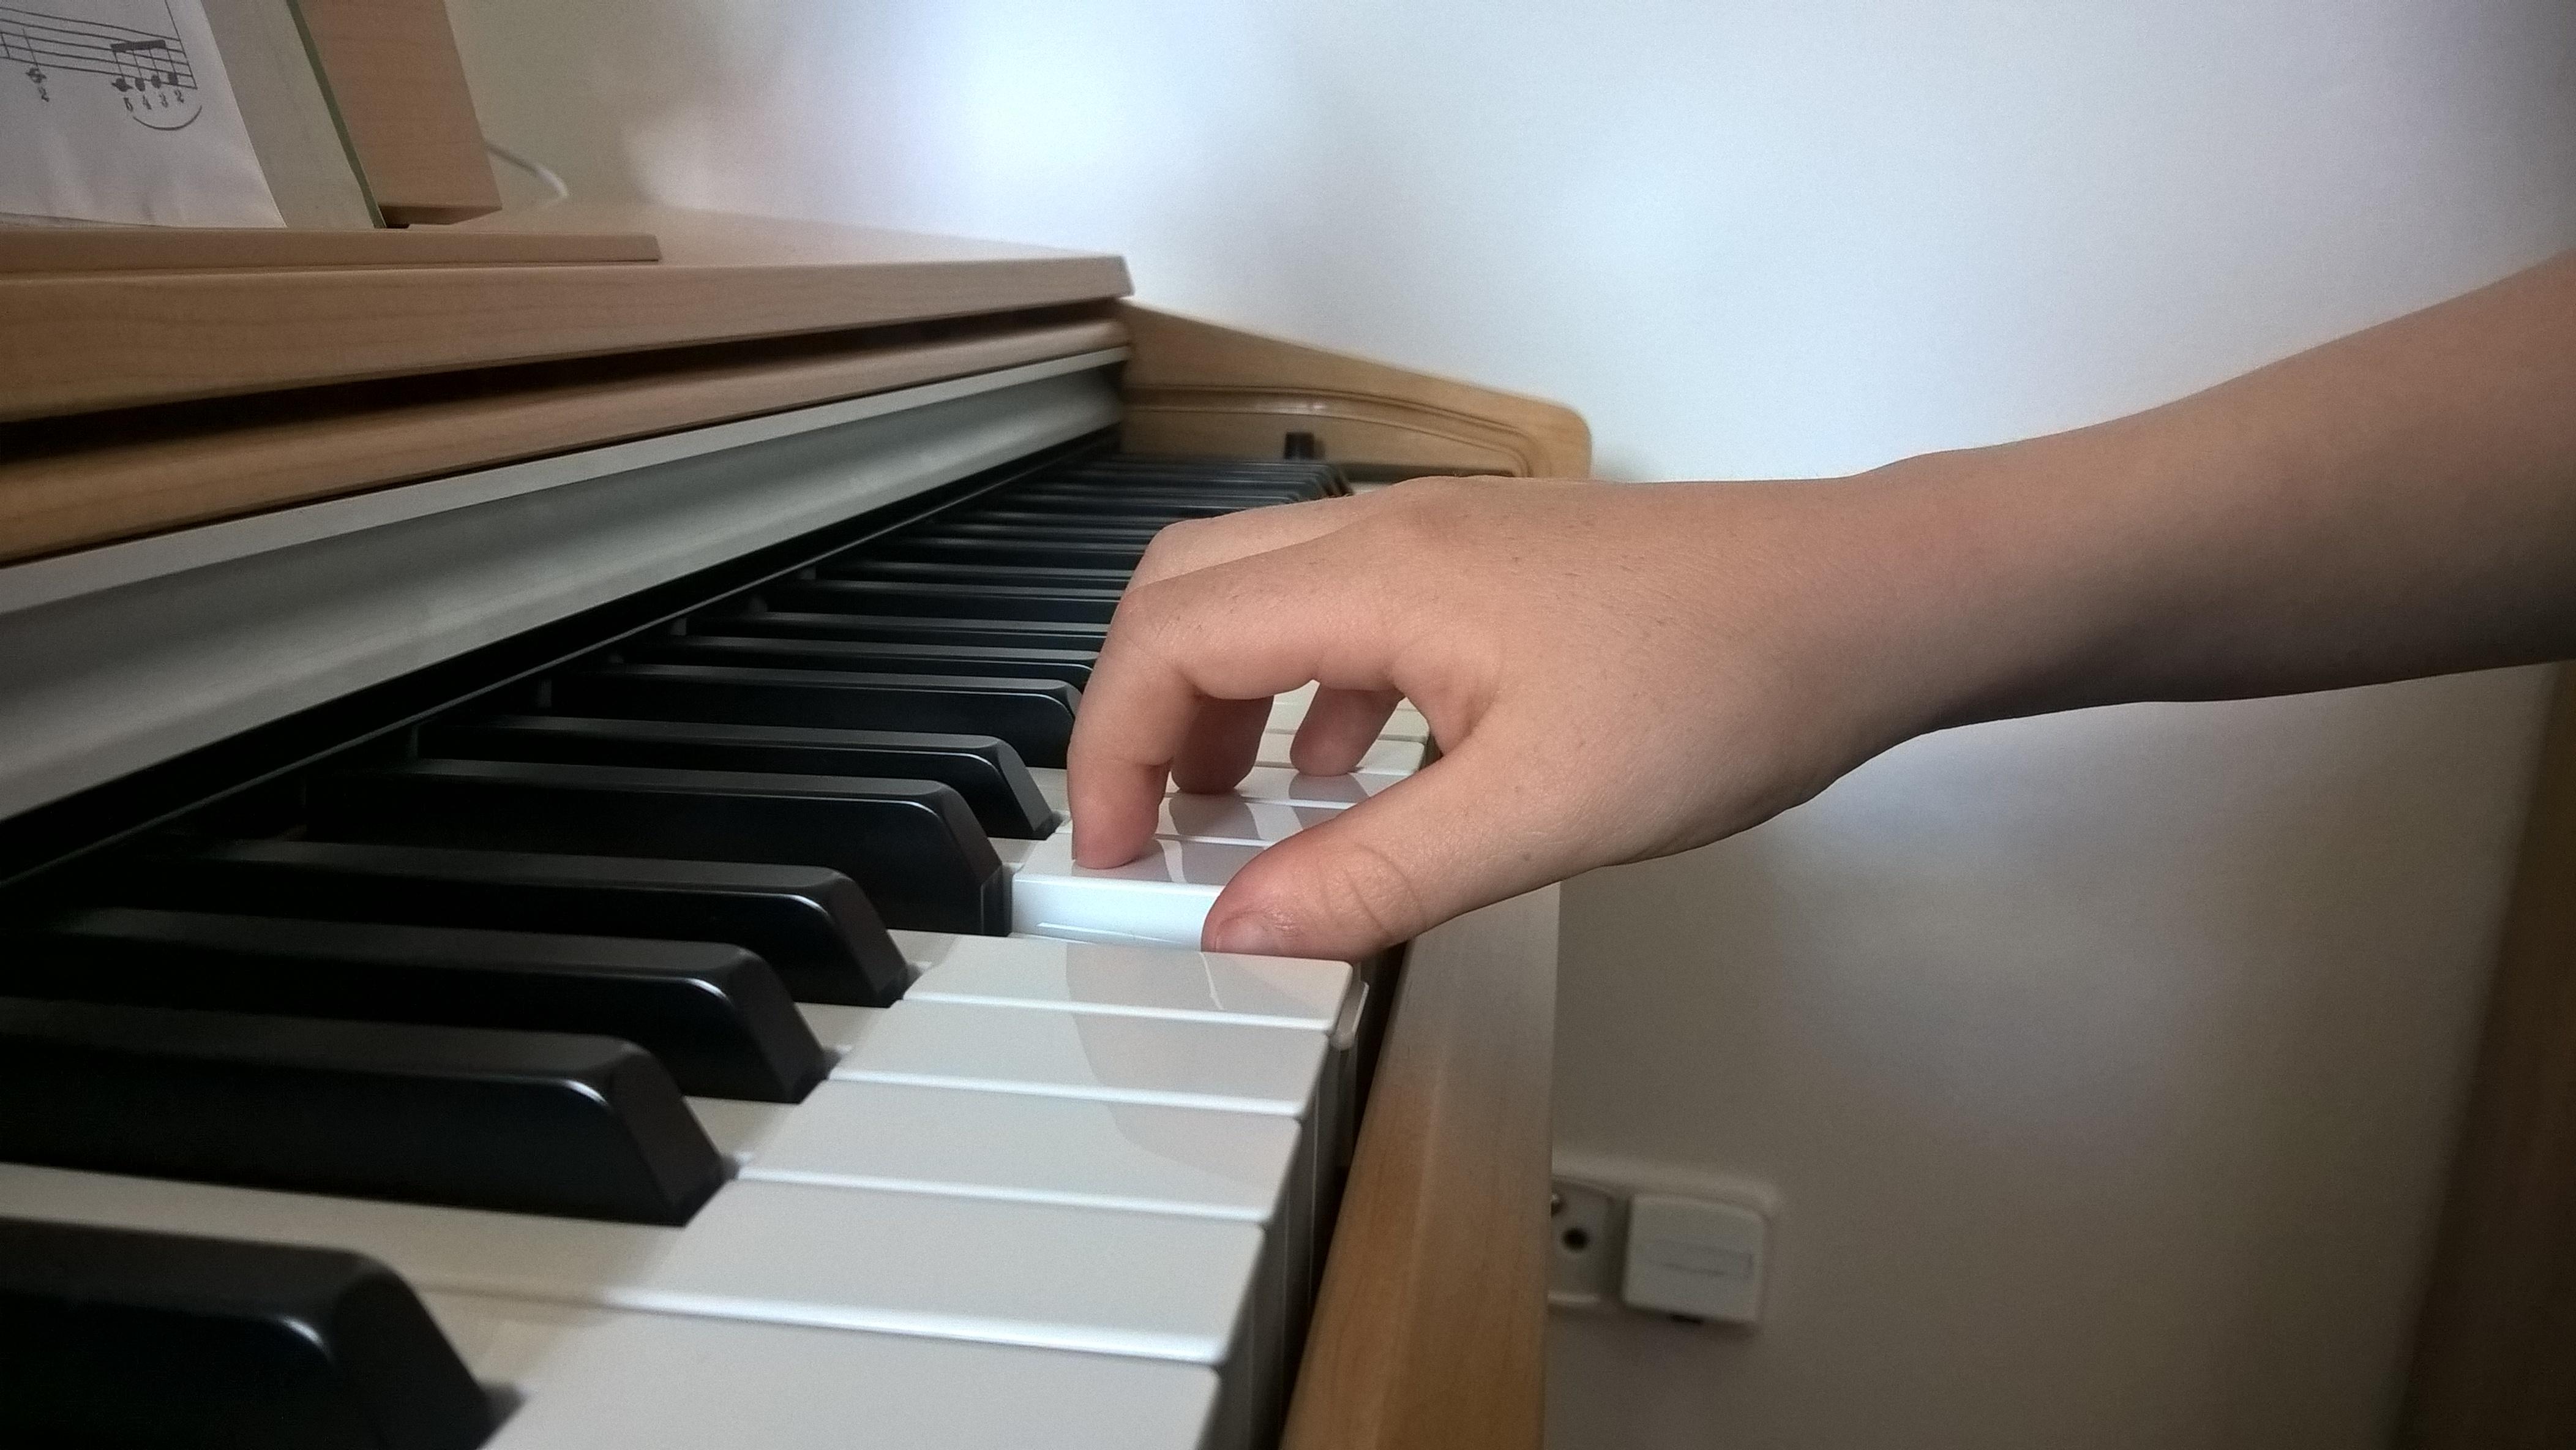 Správná pozice ruky, když se hraje tón 1. prstem